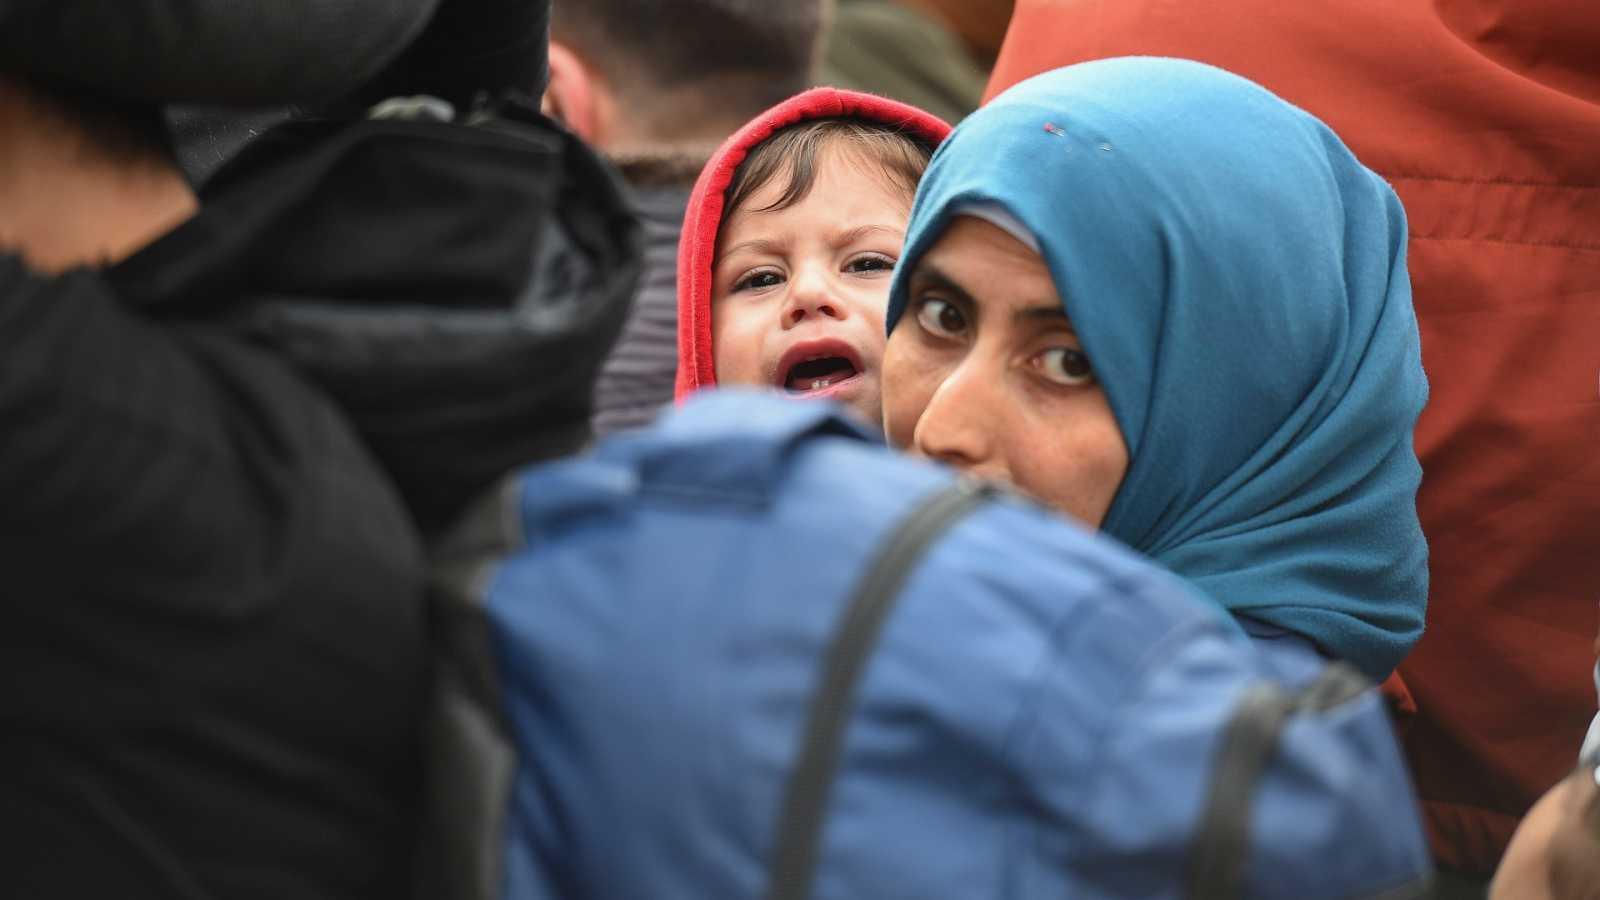 Dinamarca retira el derecho de asilo a varios sirios en el país y los mandará a campos de reclusión